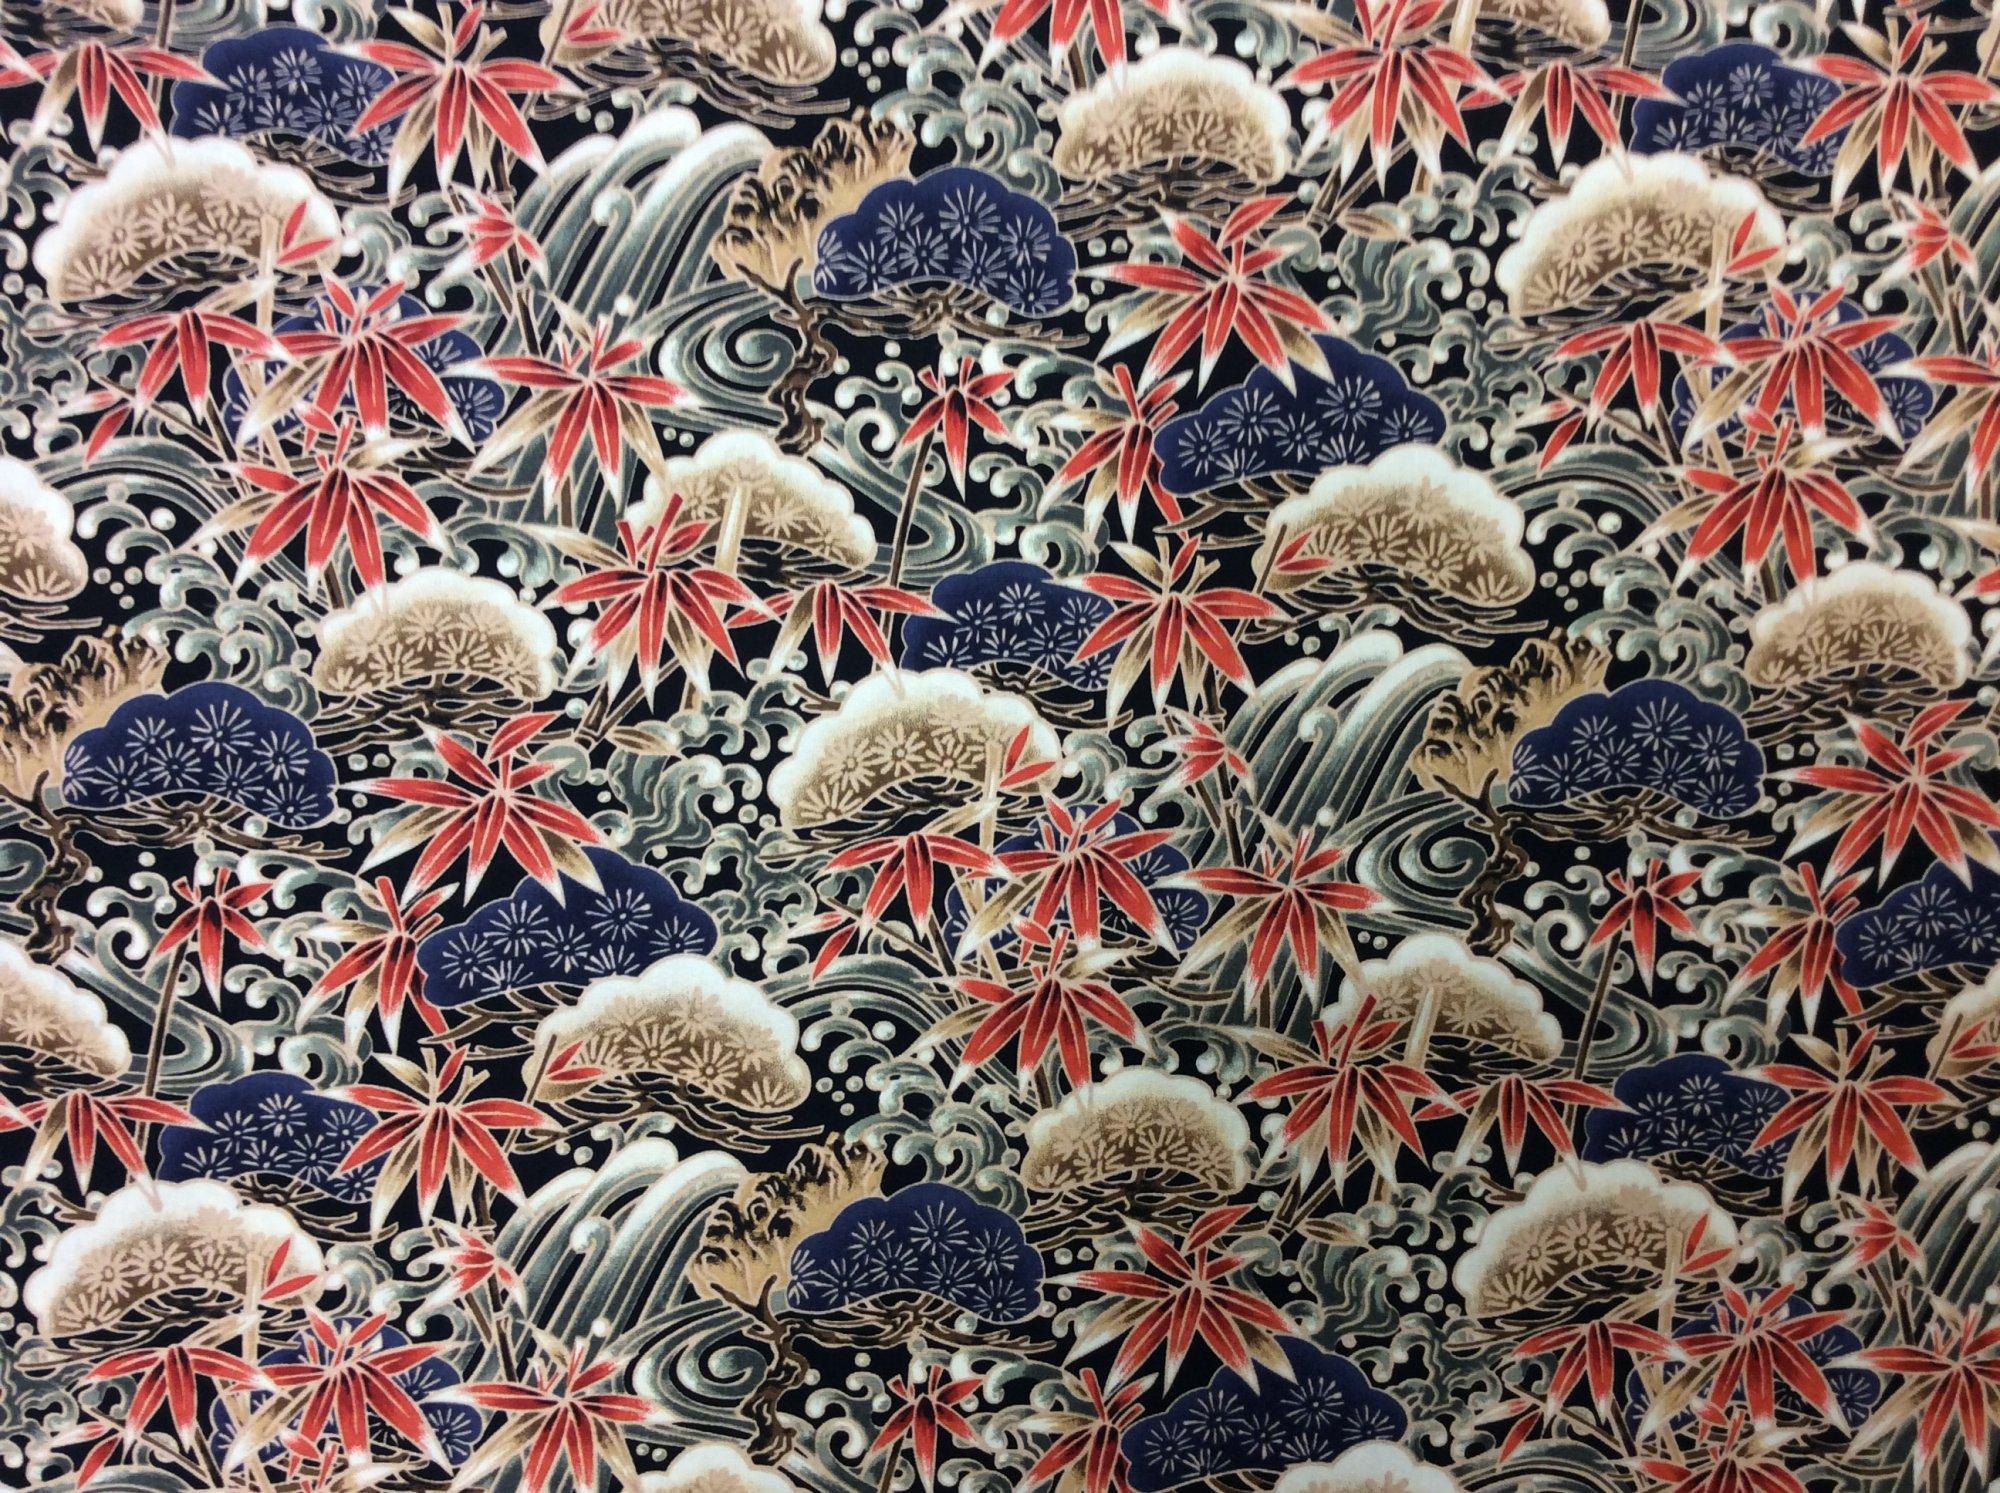 Asian Exotic Wave Bonsai Black Gold Japan Asian Cotton Quilt Fabric TP057